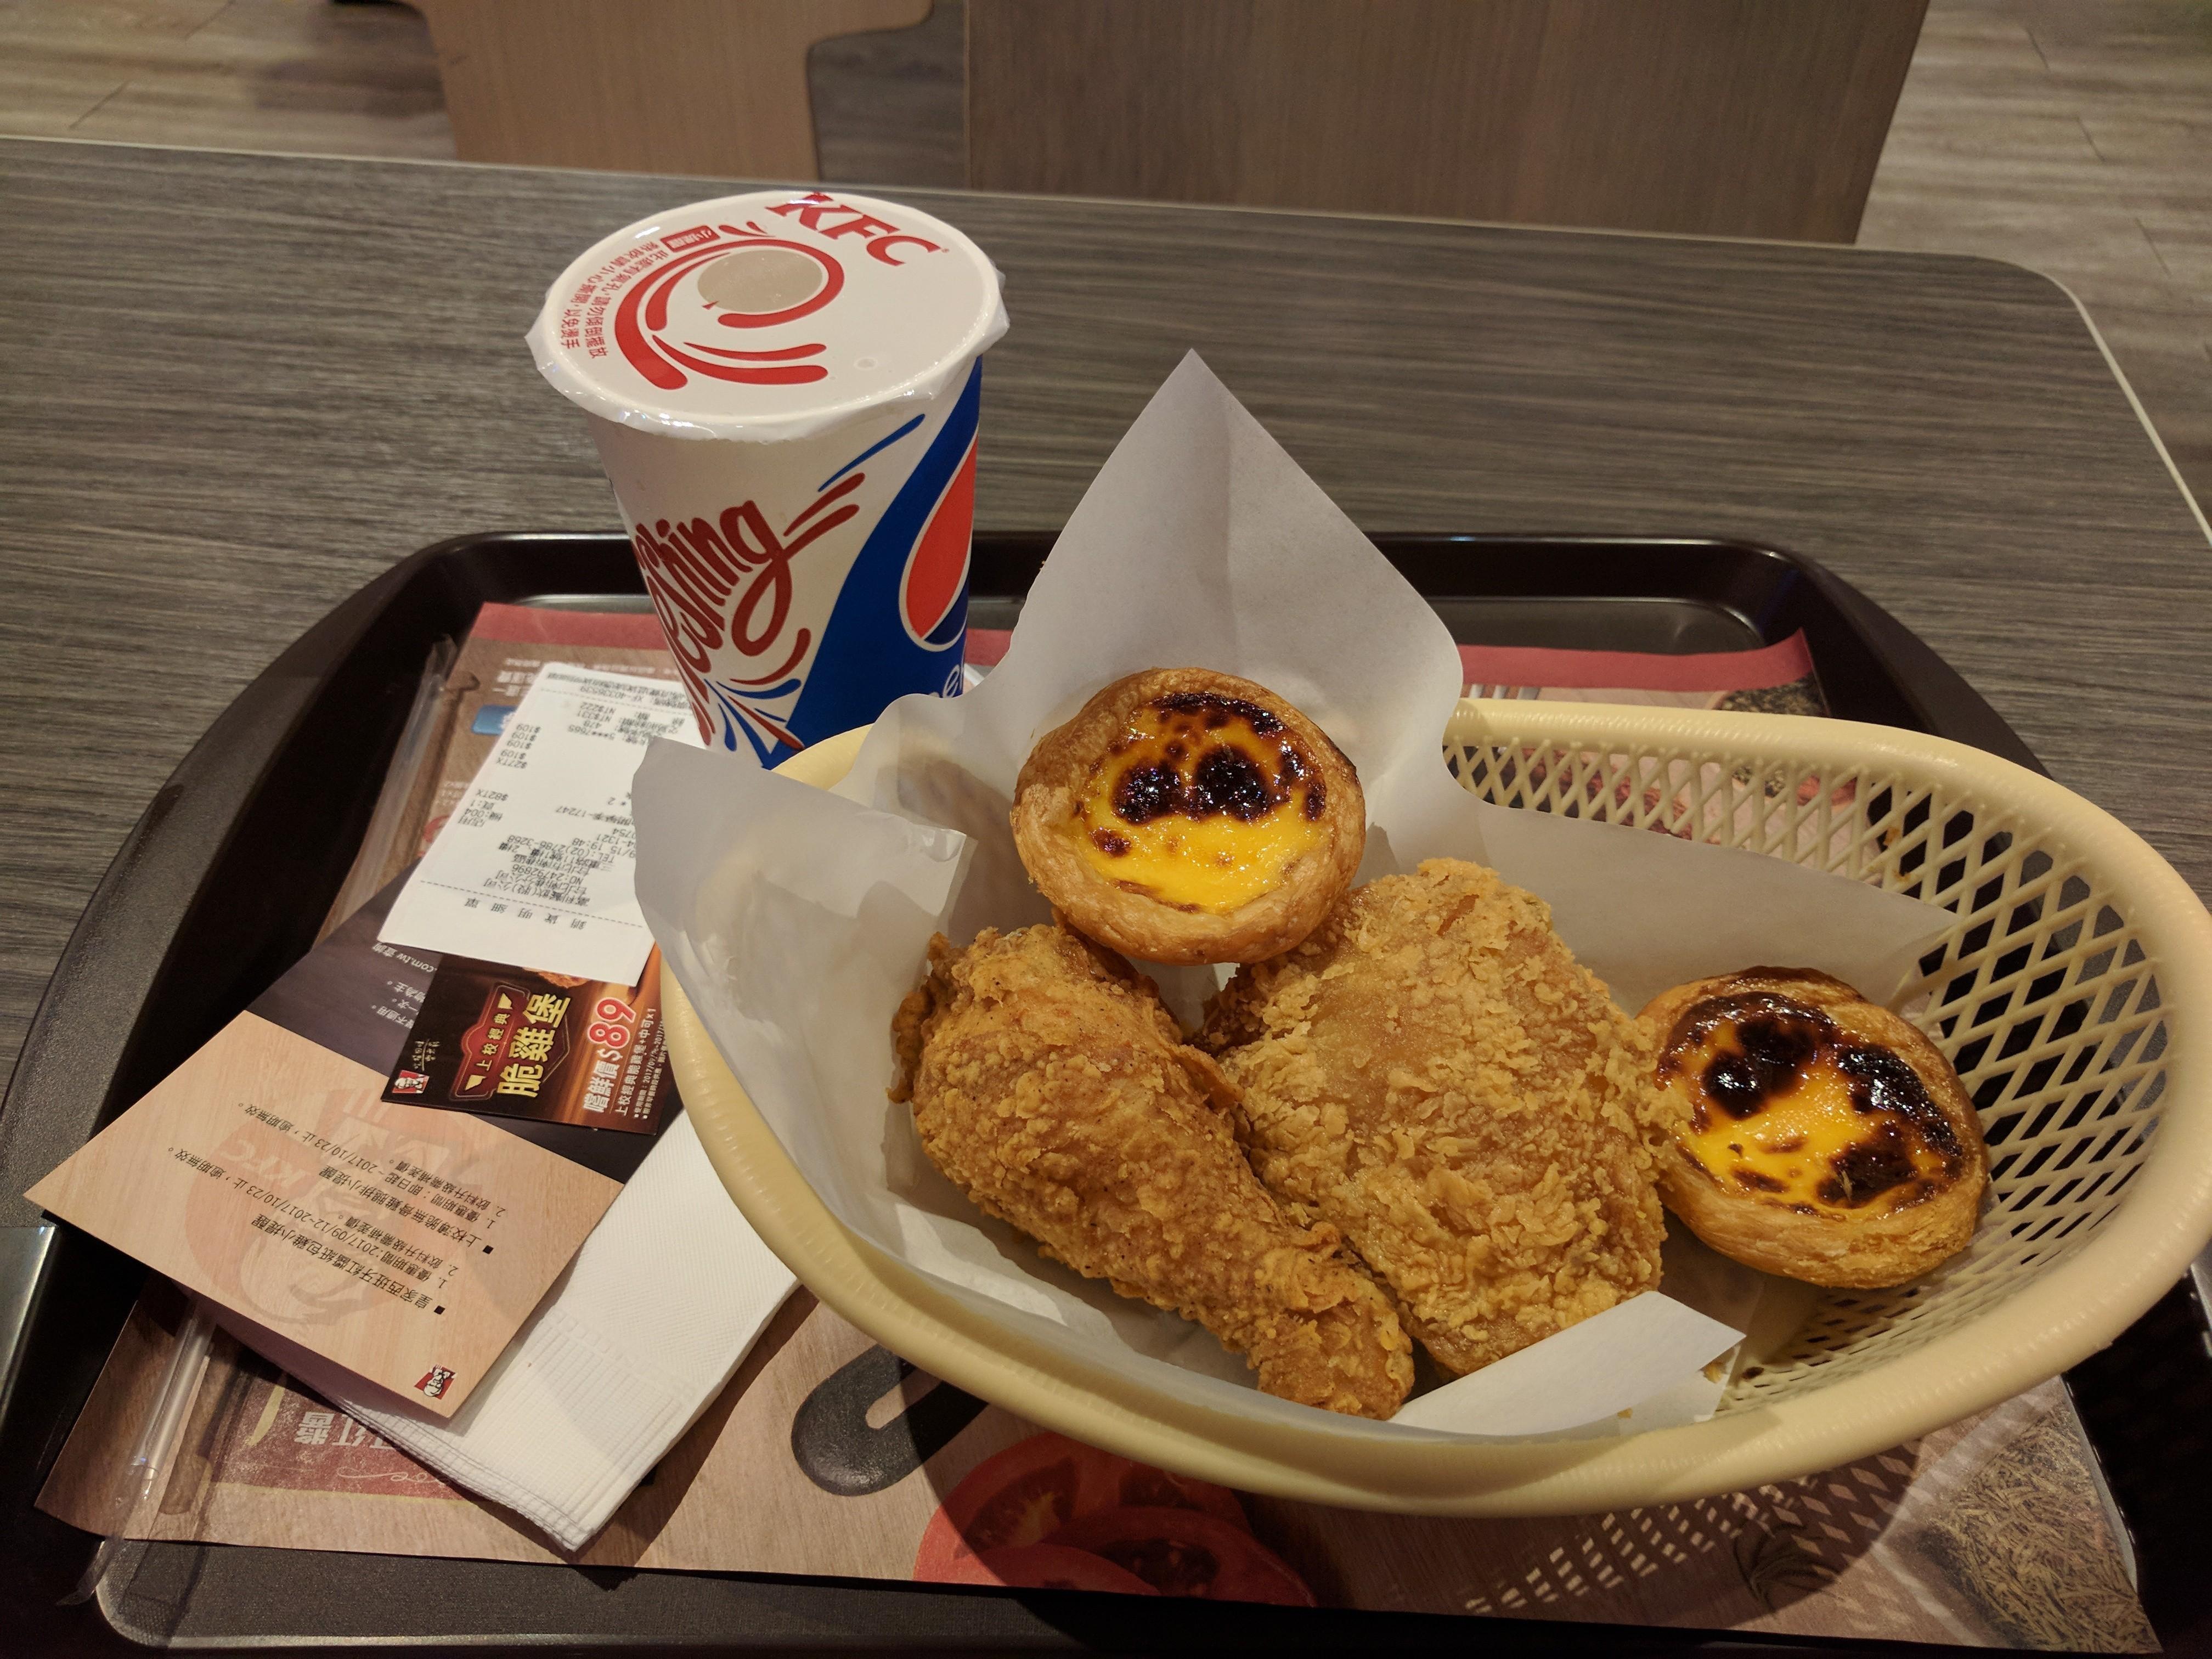 肯德基,kfc,炸雞,蛋塔,蛋撻。(圖/記者黃君瀚攝)